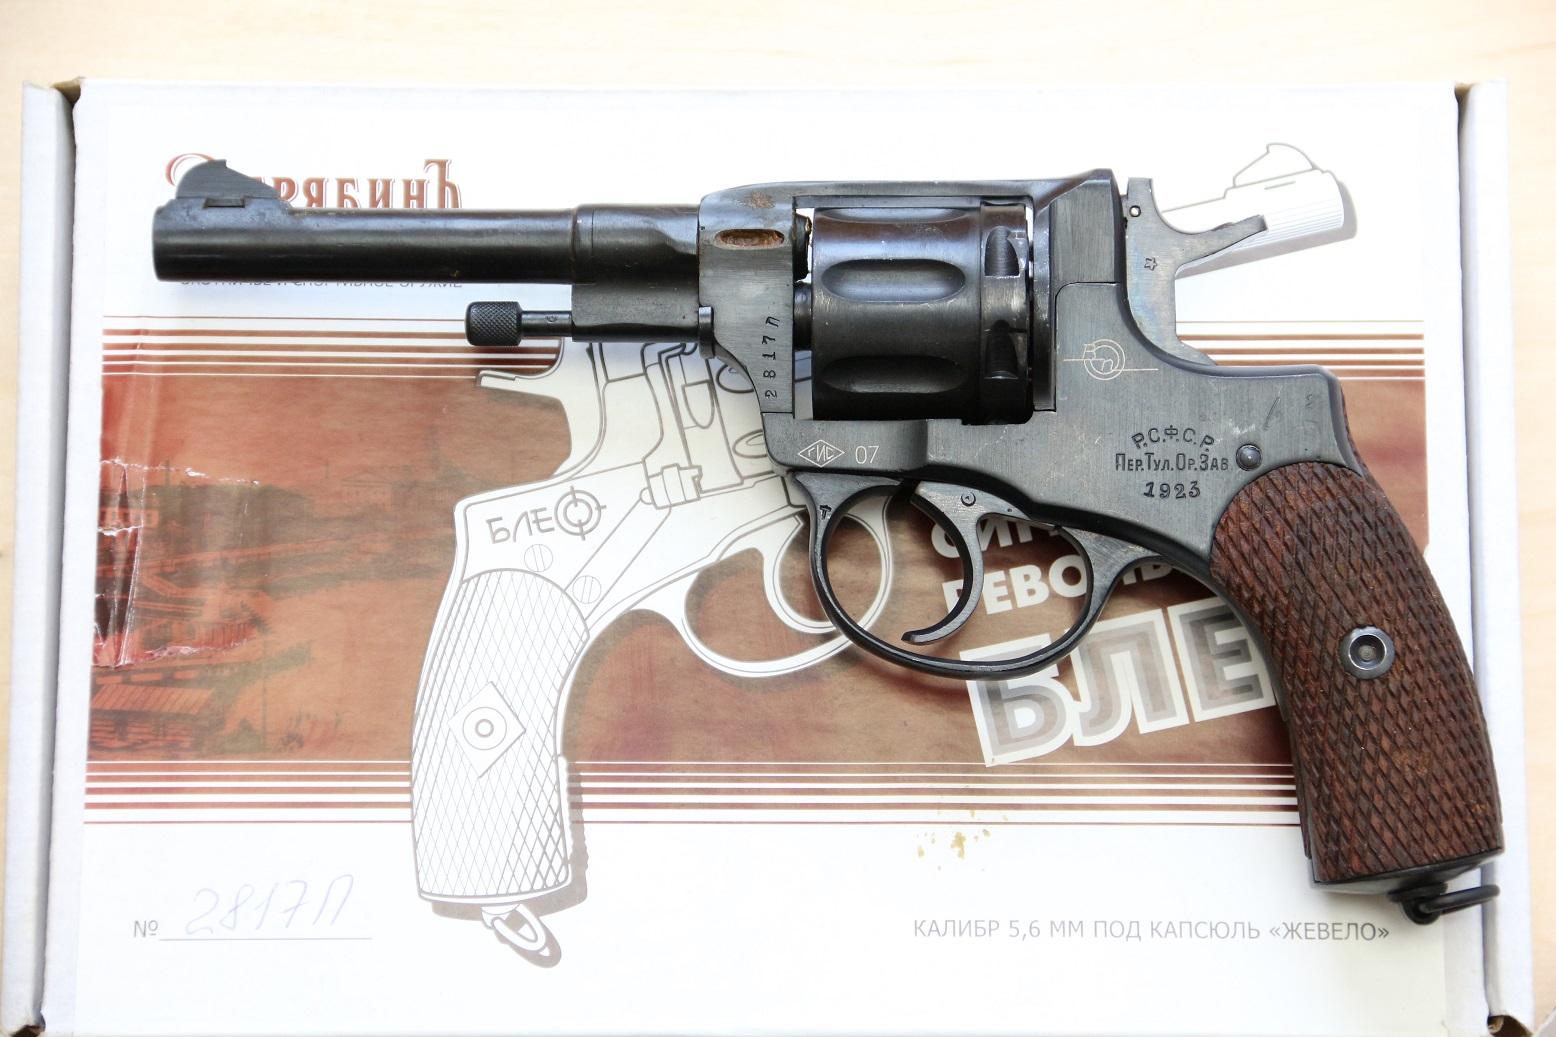 Сигнальный револьвер Наган Блеф 1923 года №2817